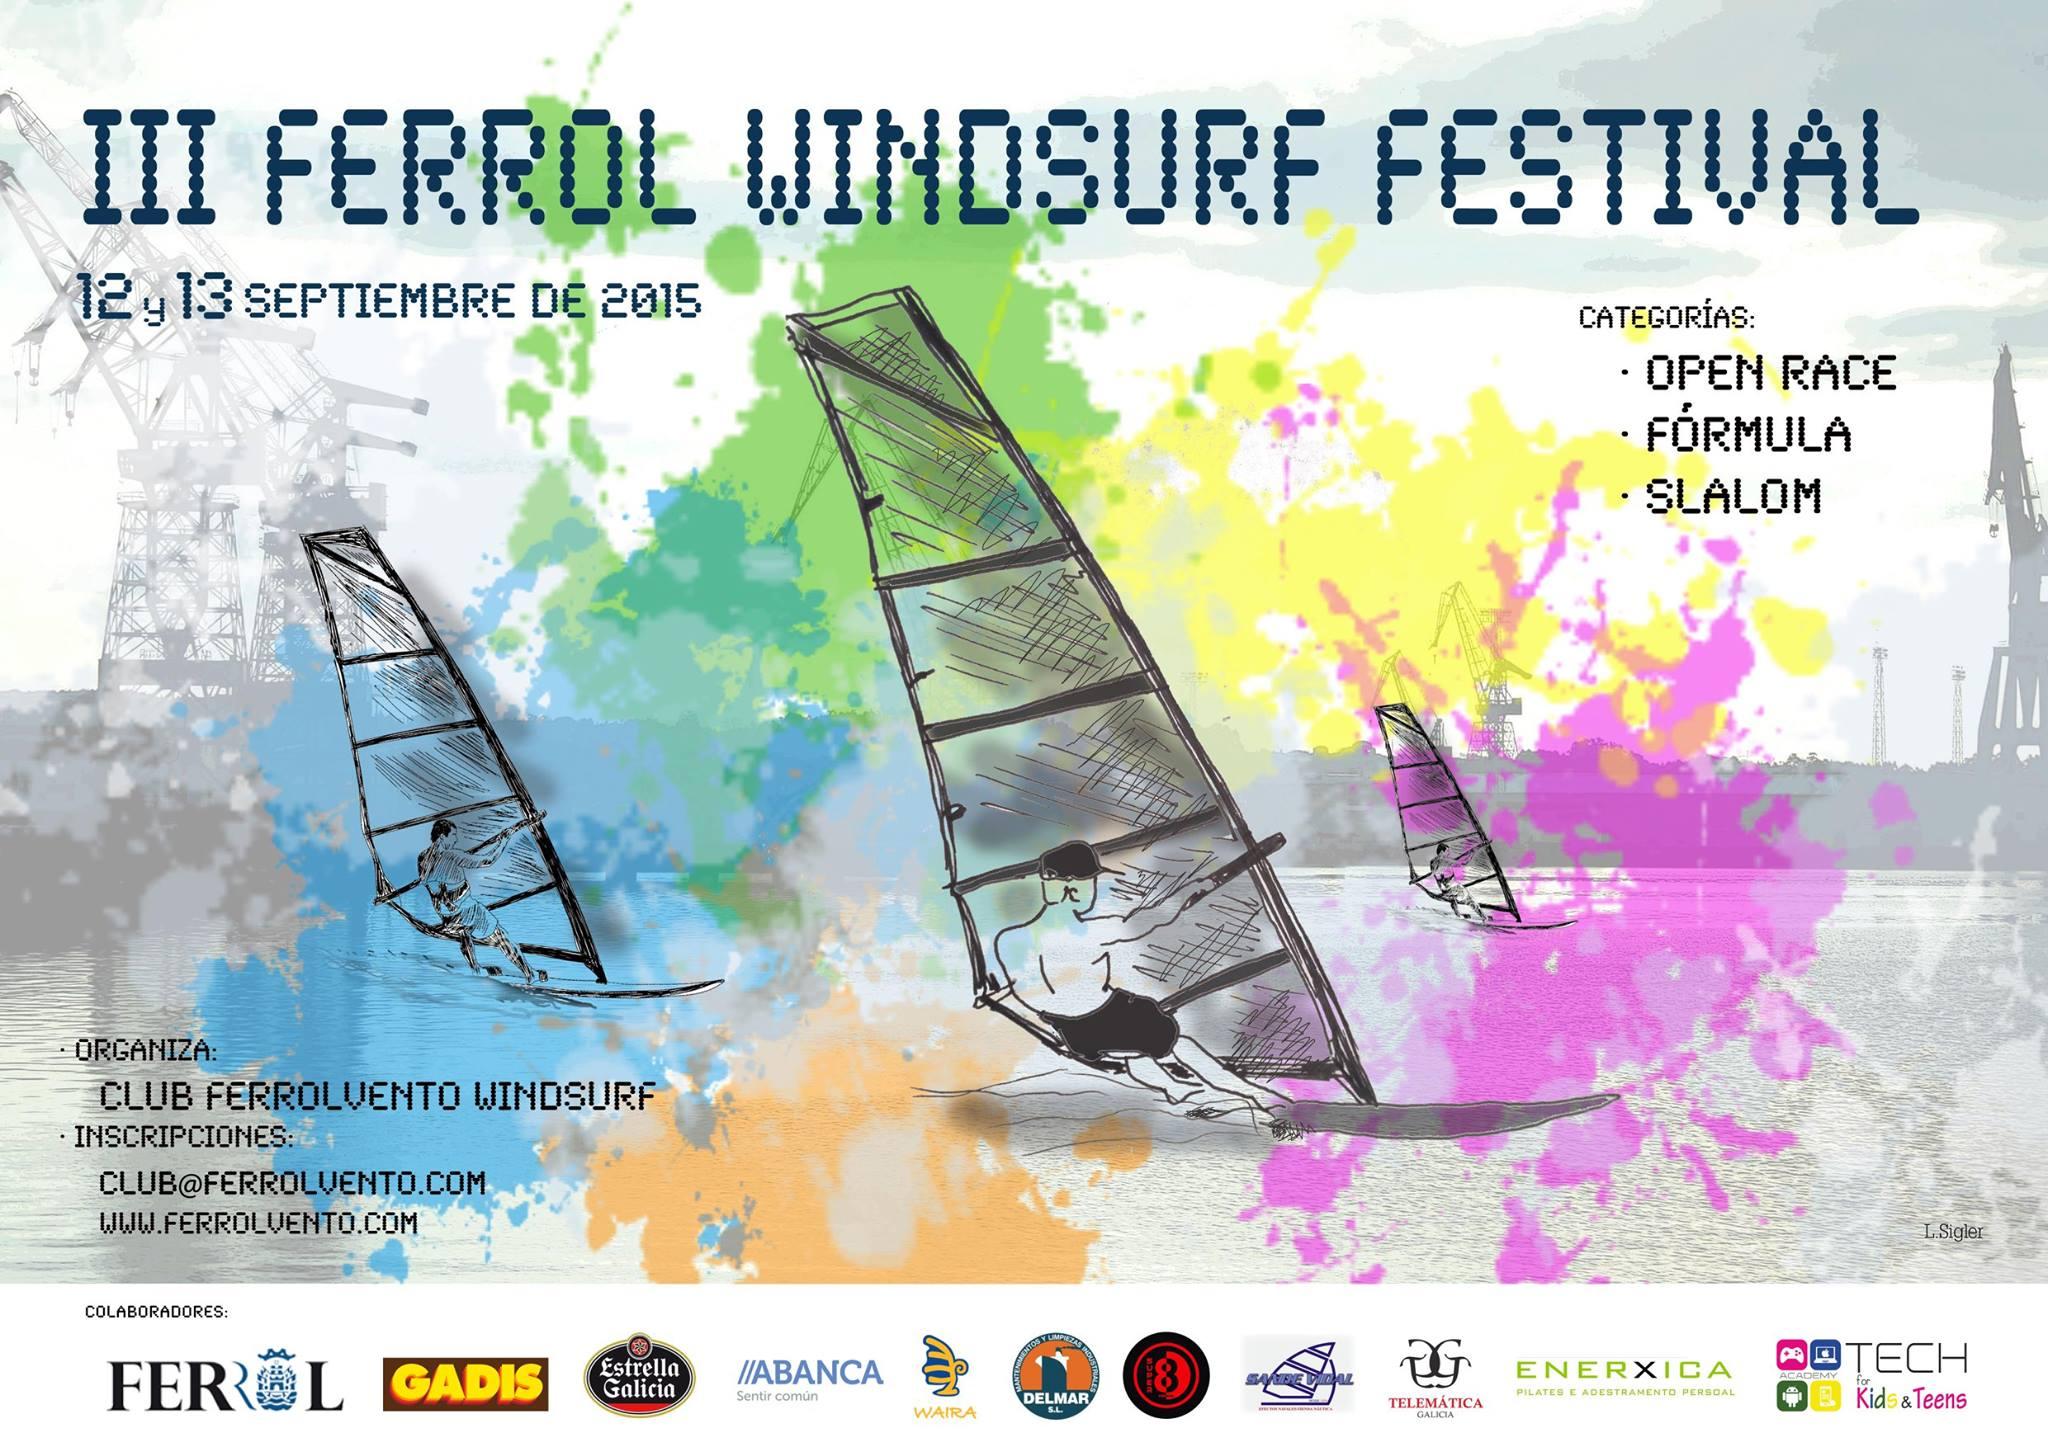 FERROL WINDSURF FESTIVAL 2015